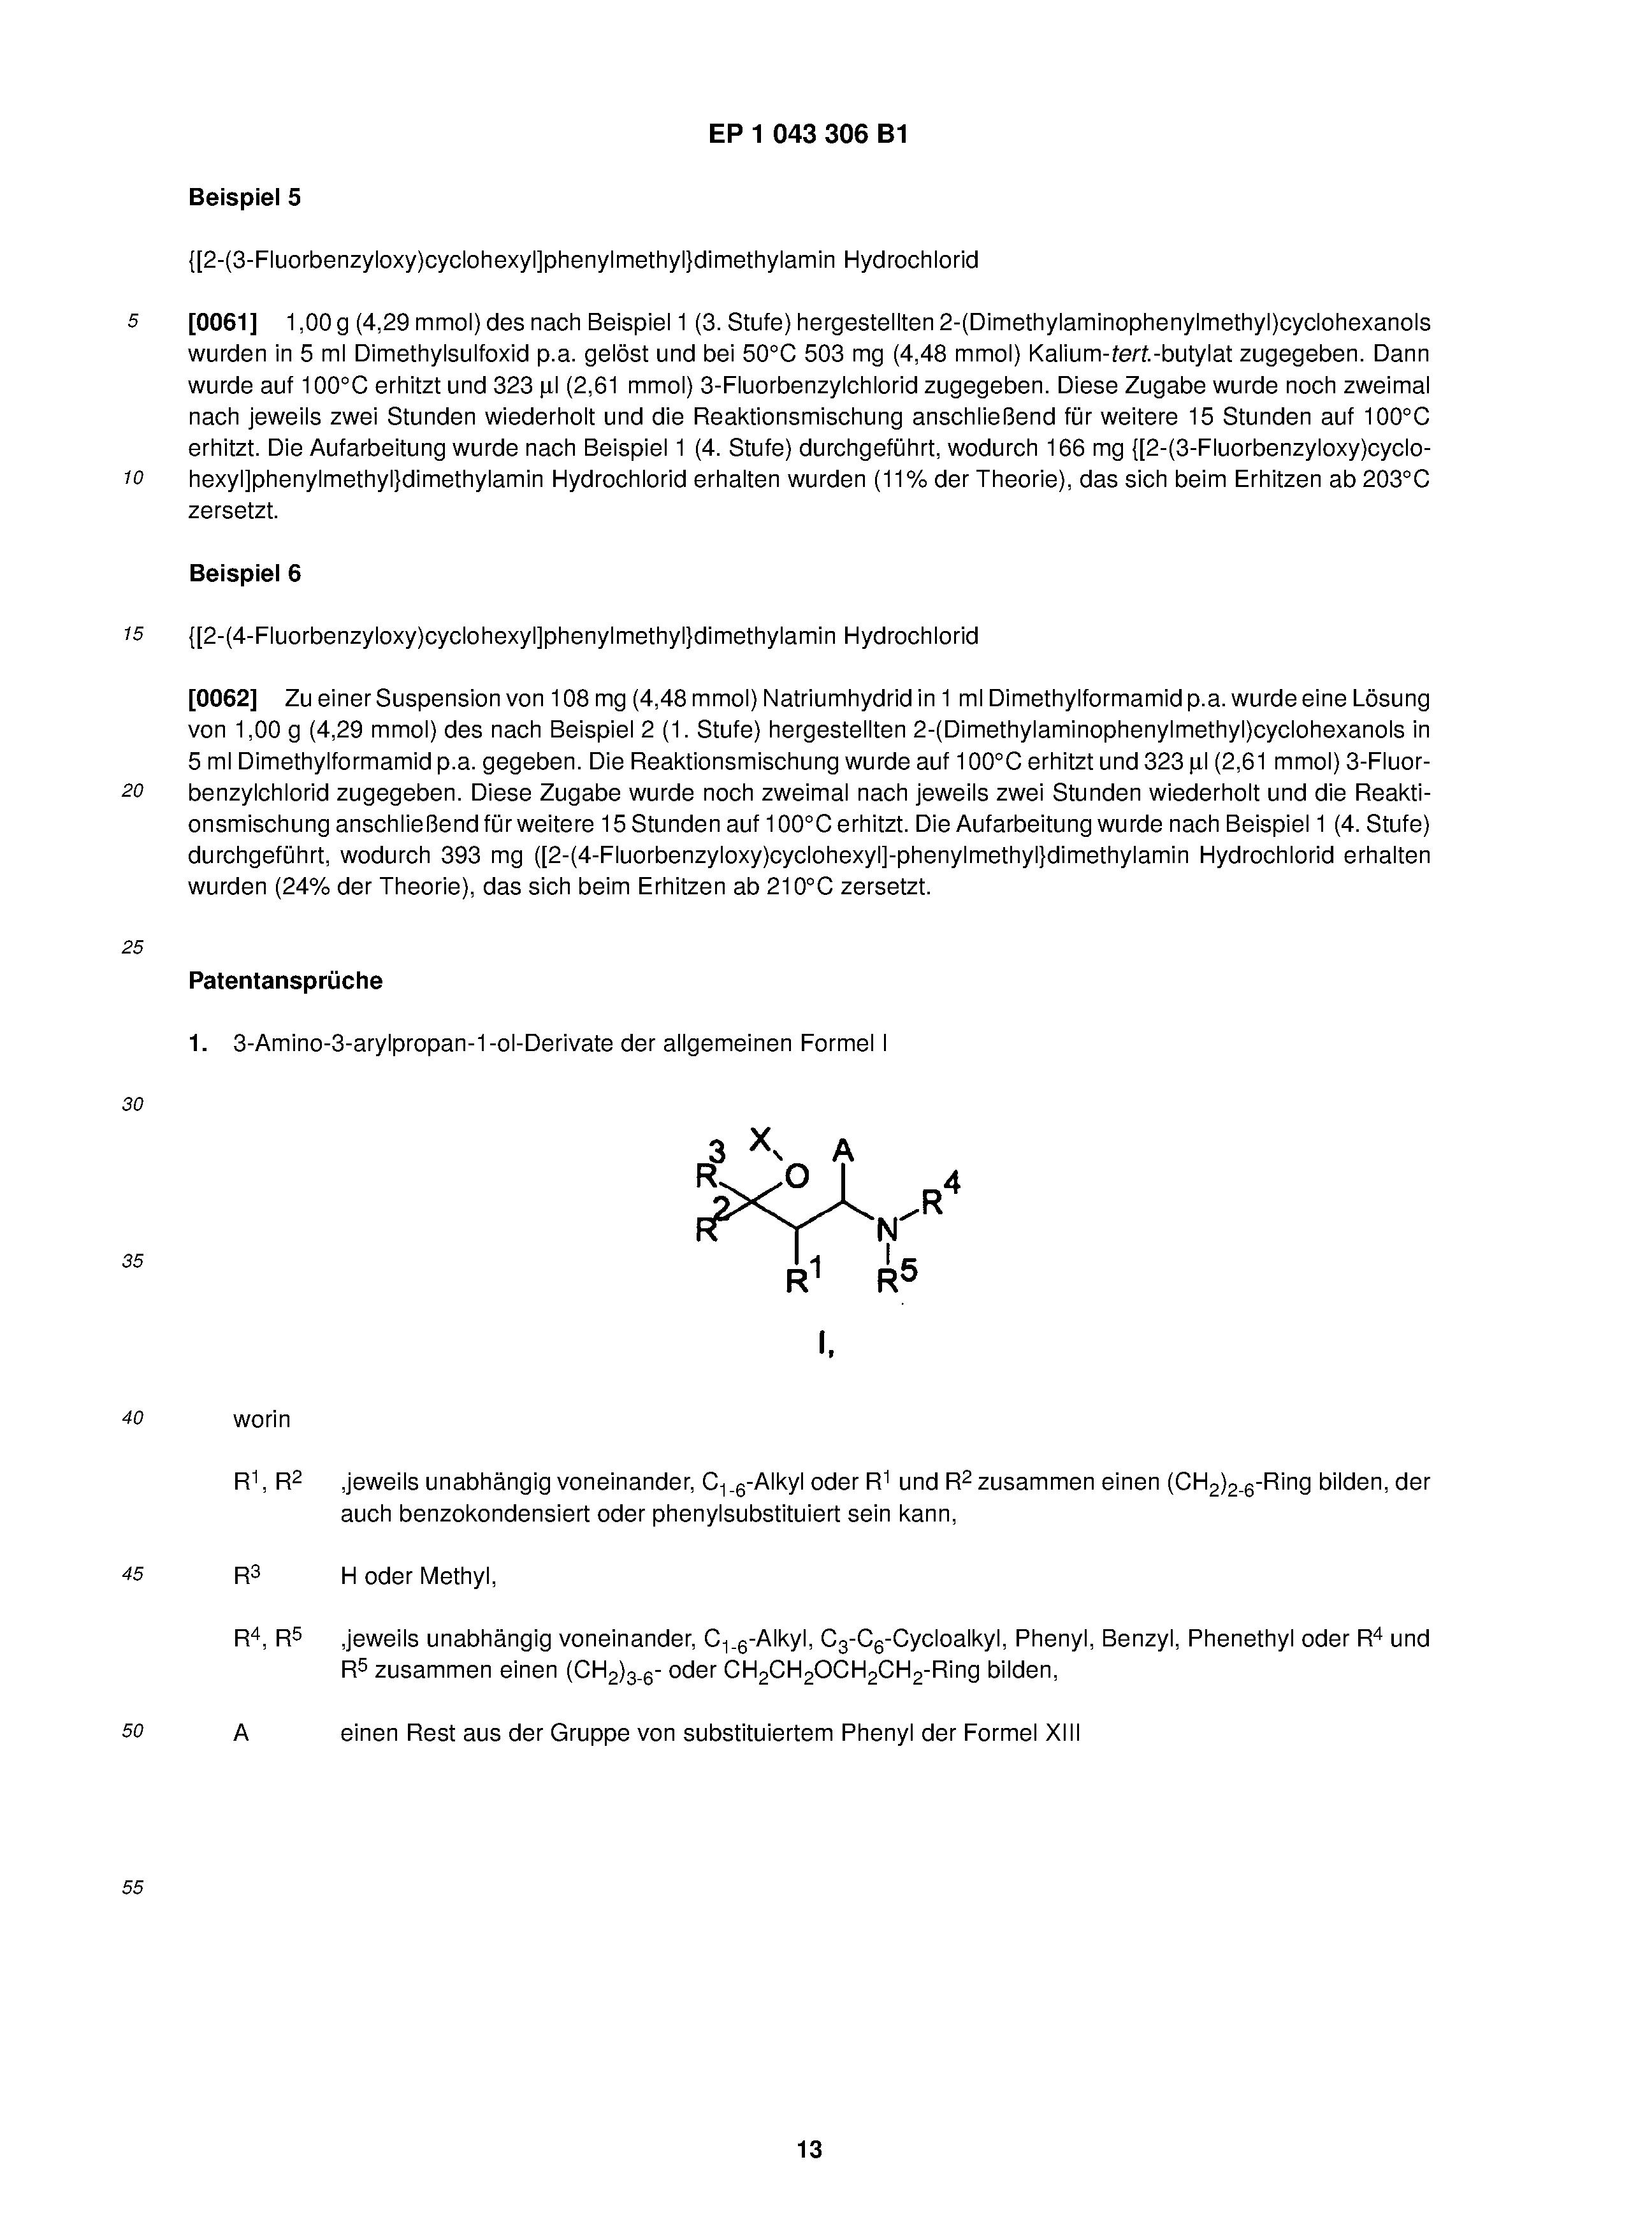 page 13 24 - Derivate Beispiel